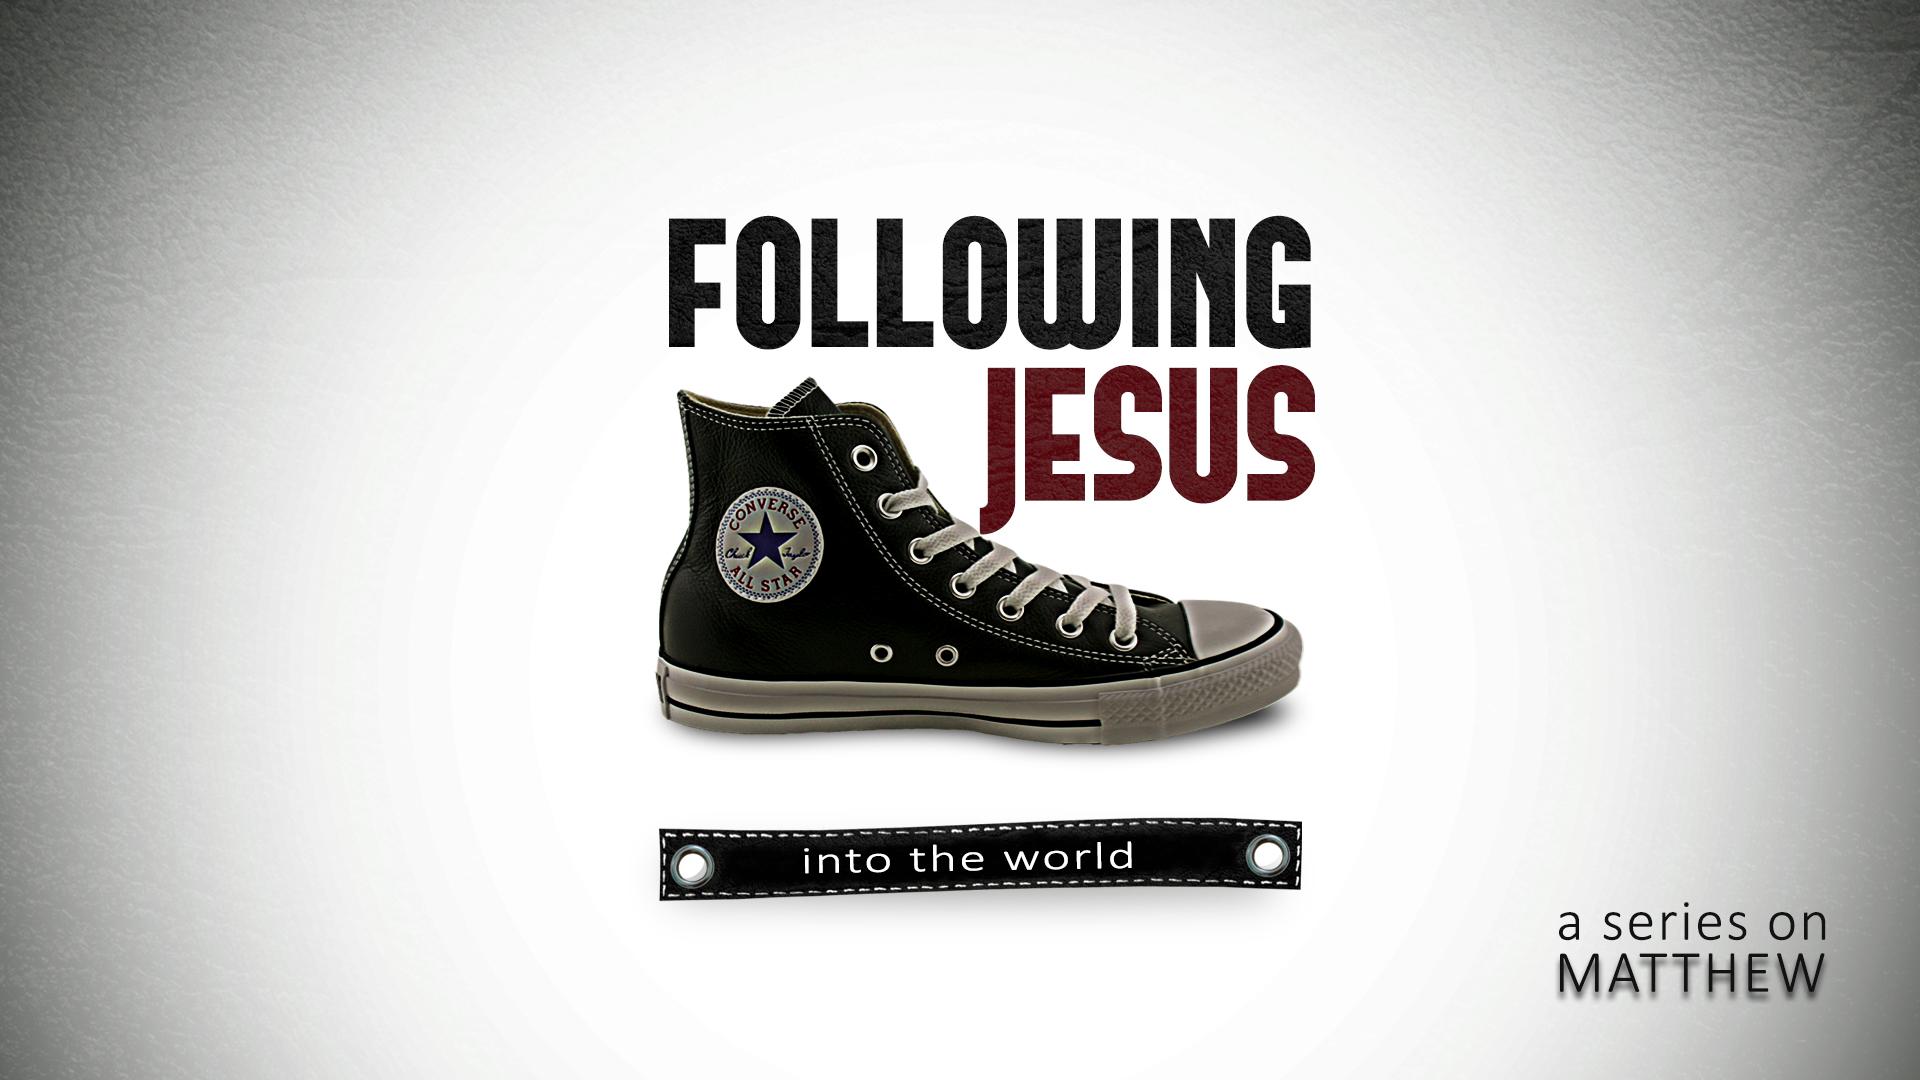 Sermon series on Matthew